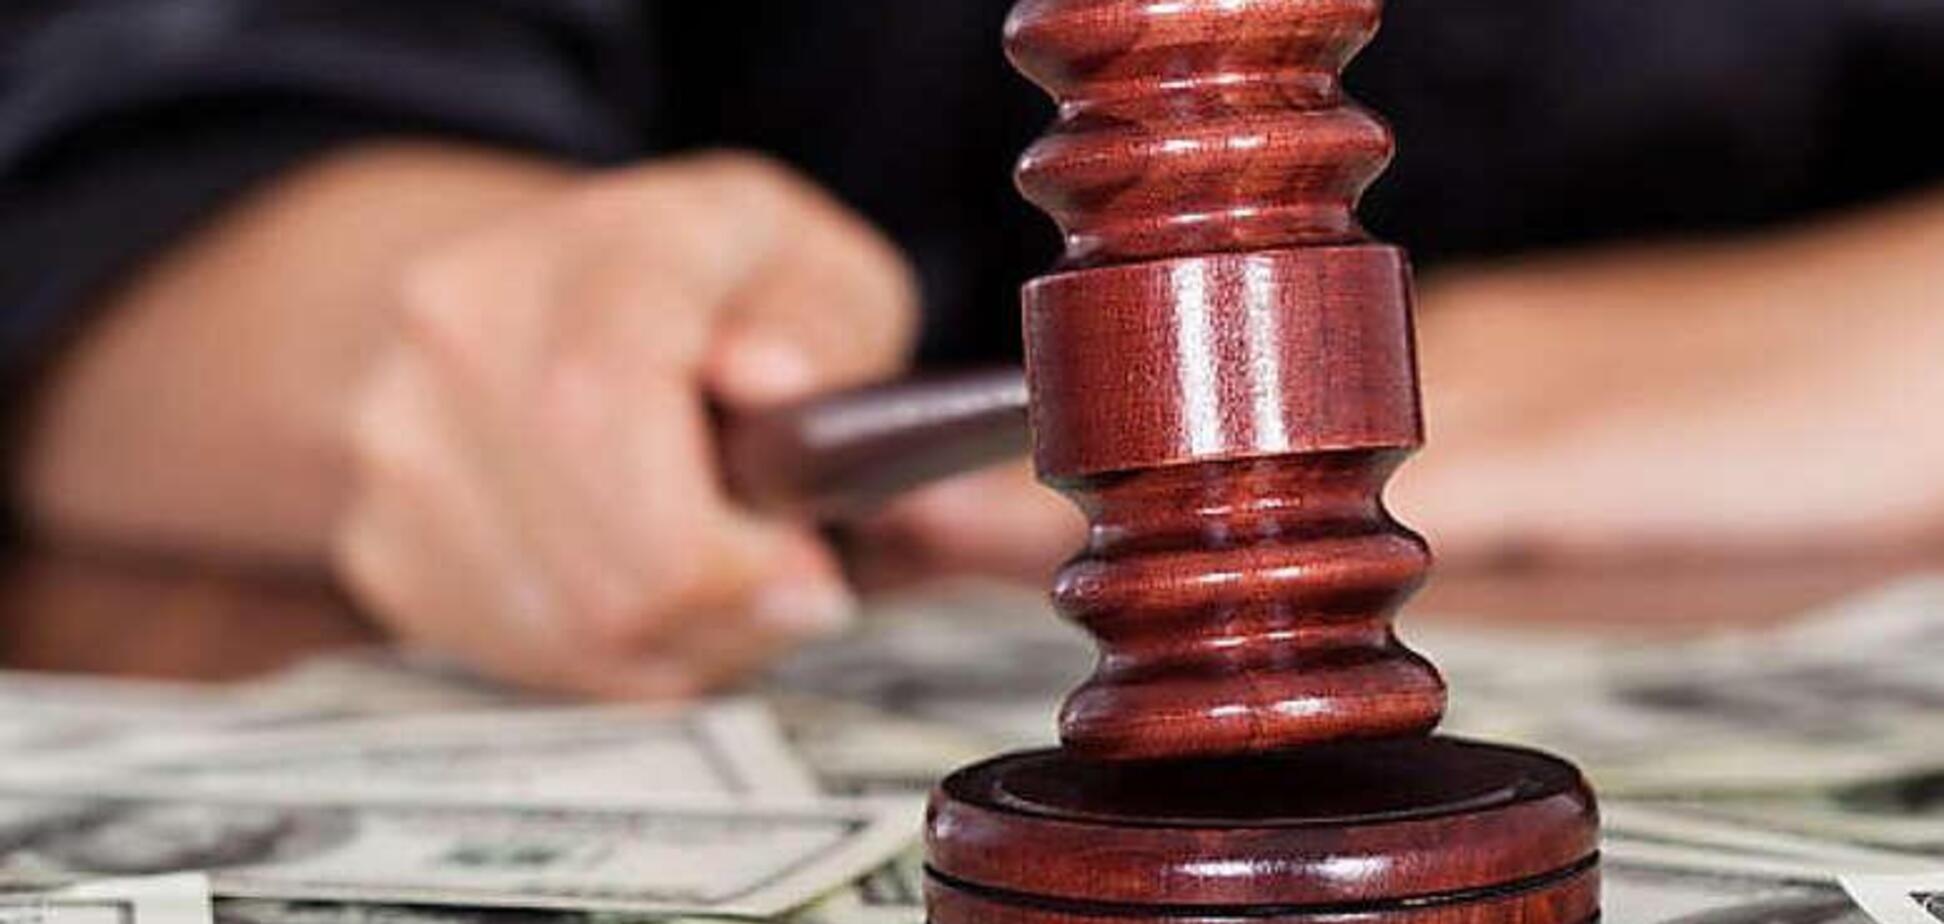 Экс-главу РГА на Ривненщине будут судить за взятку в 110 тыс. грн, – ОГП